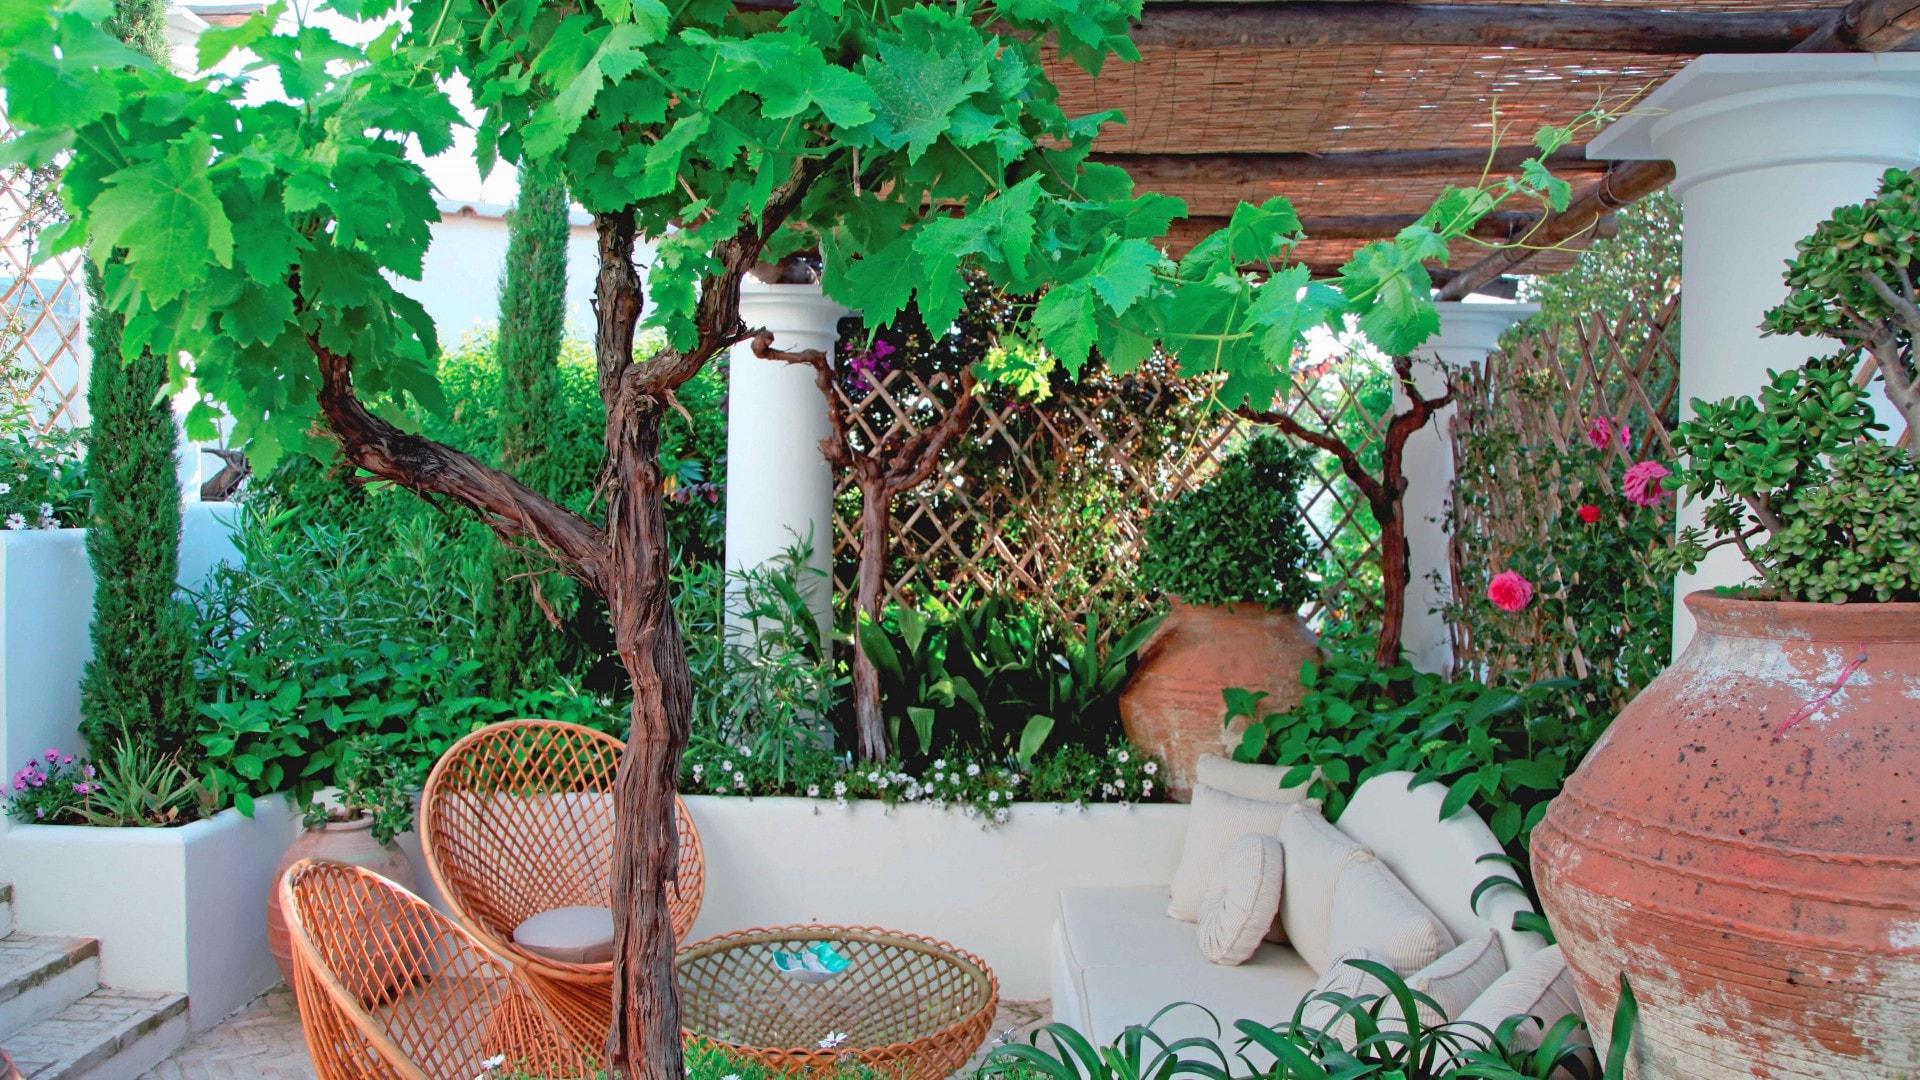 Terrazze a Capri. Il fascino di un giardino segreto - Progettazione ...